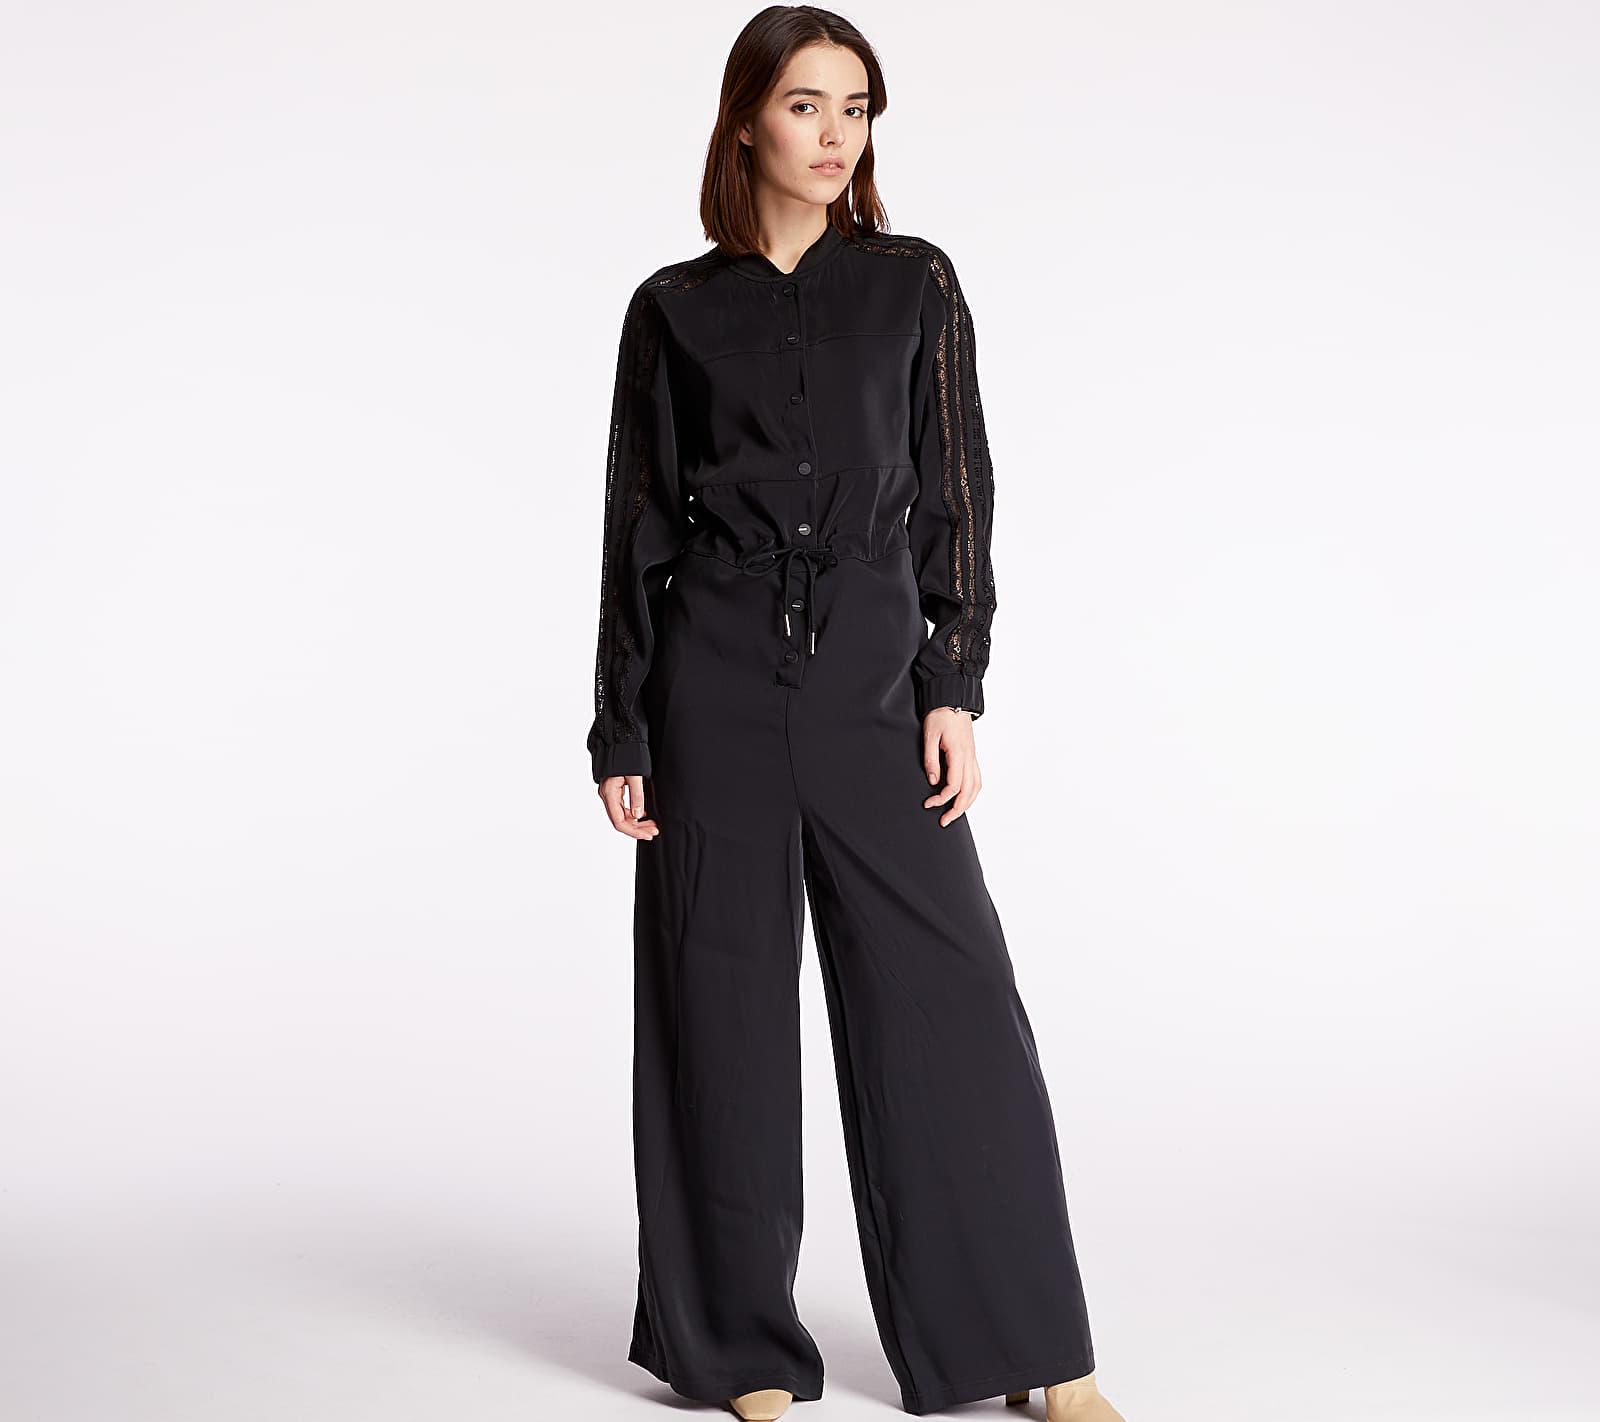 adidas Lace Jumpsuit Black S/36